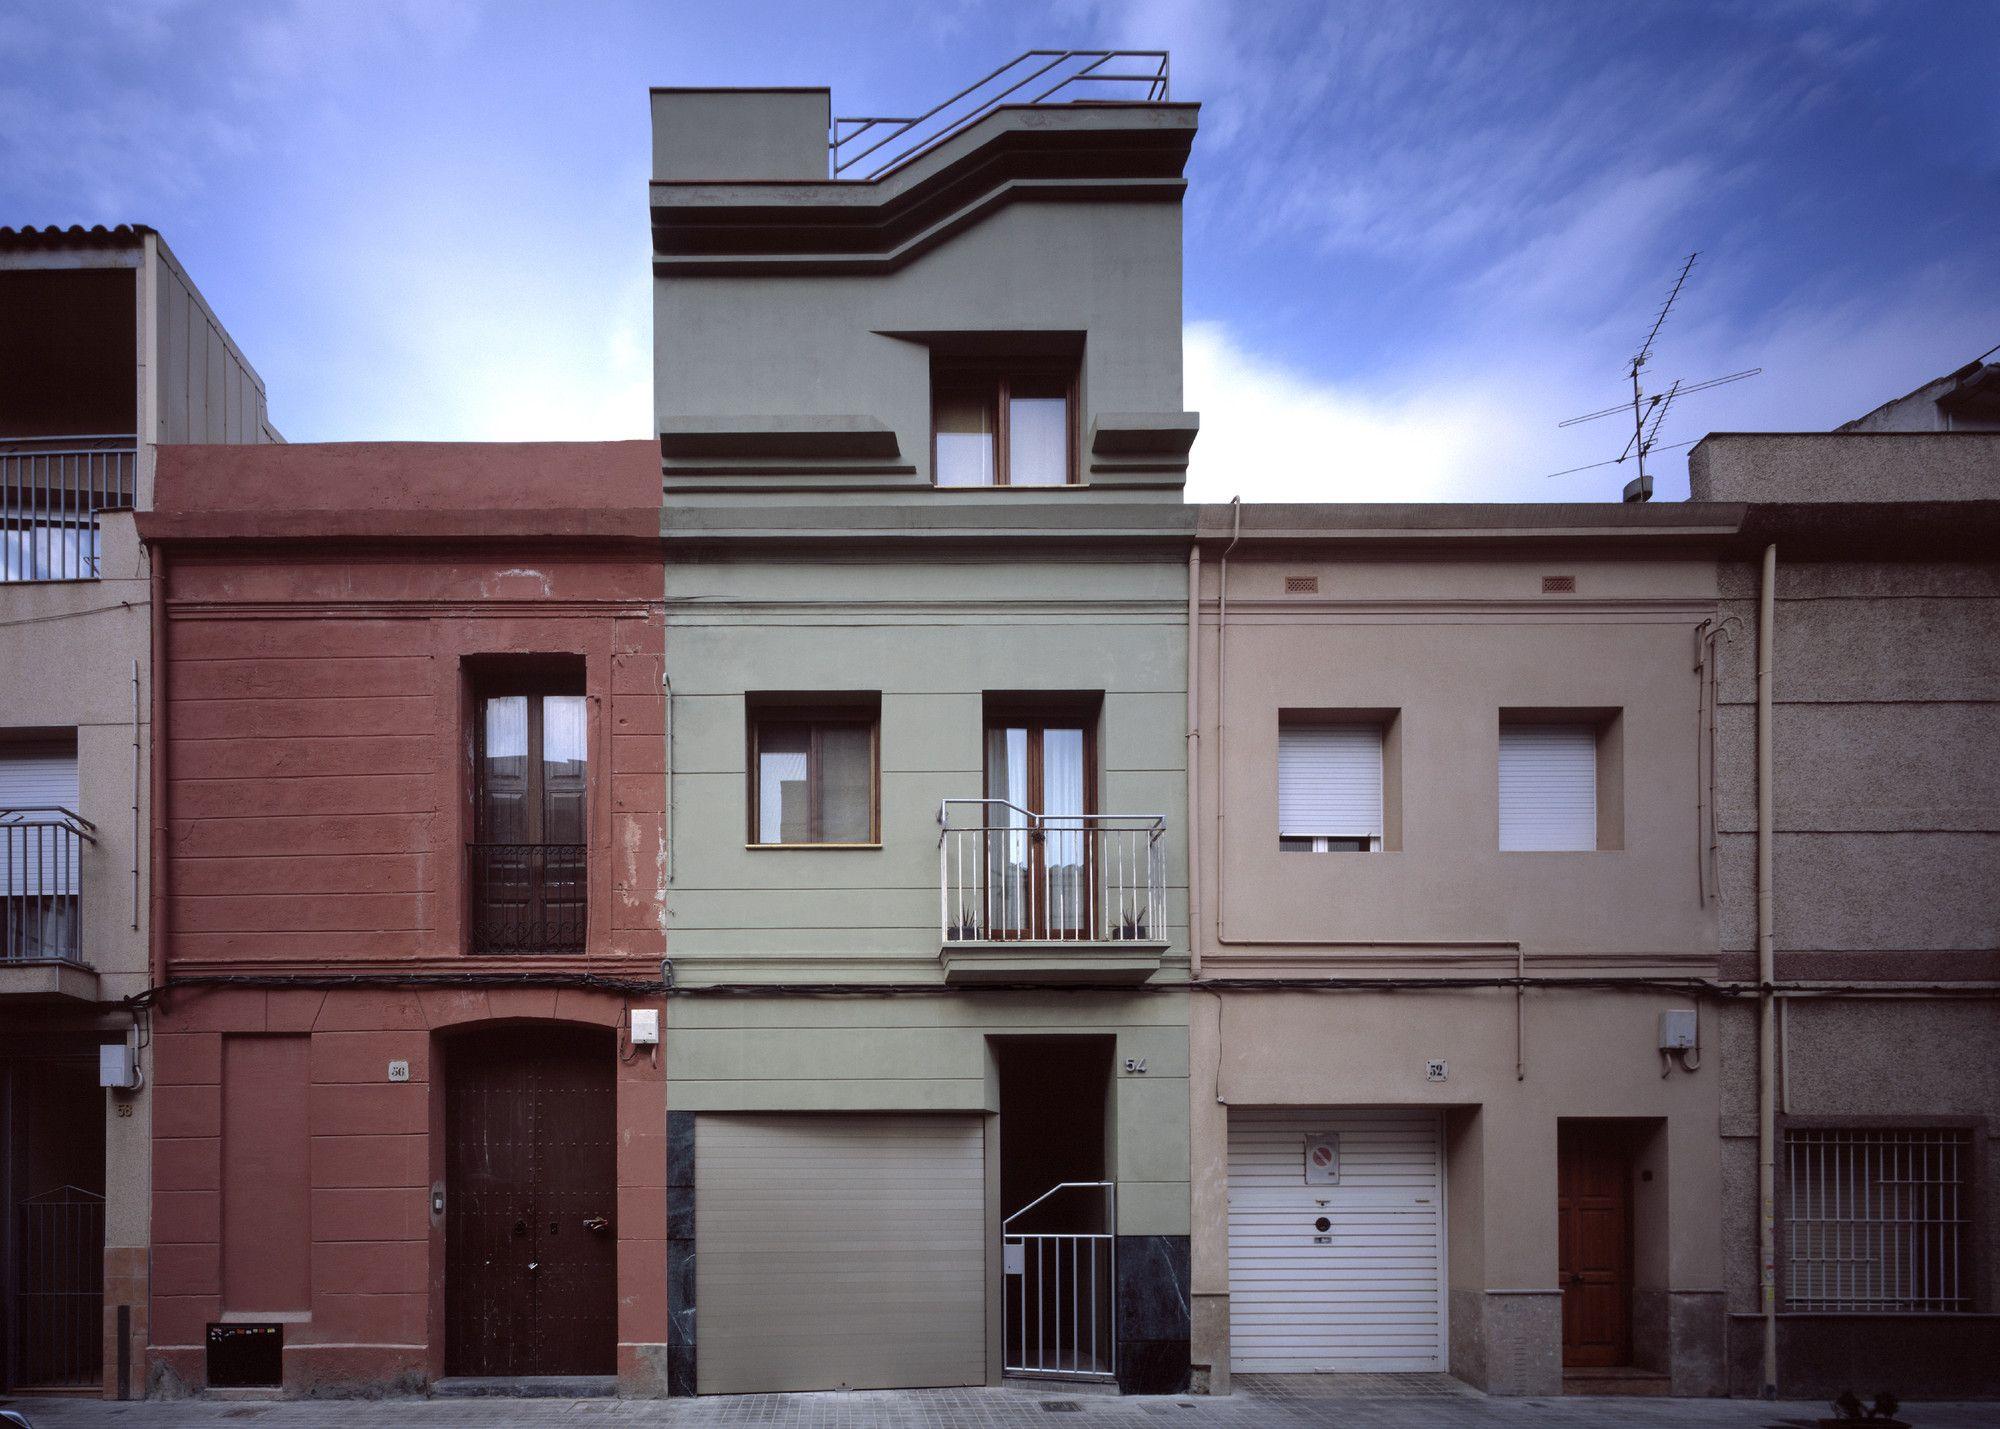 Construido por Flores & Prats en Barcelona Spain con fecha 2002